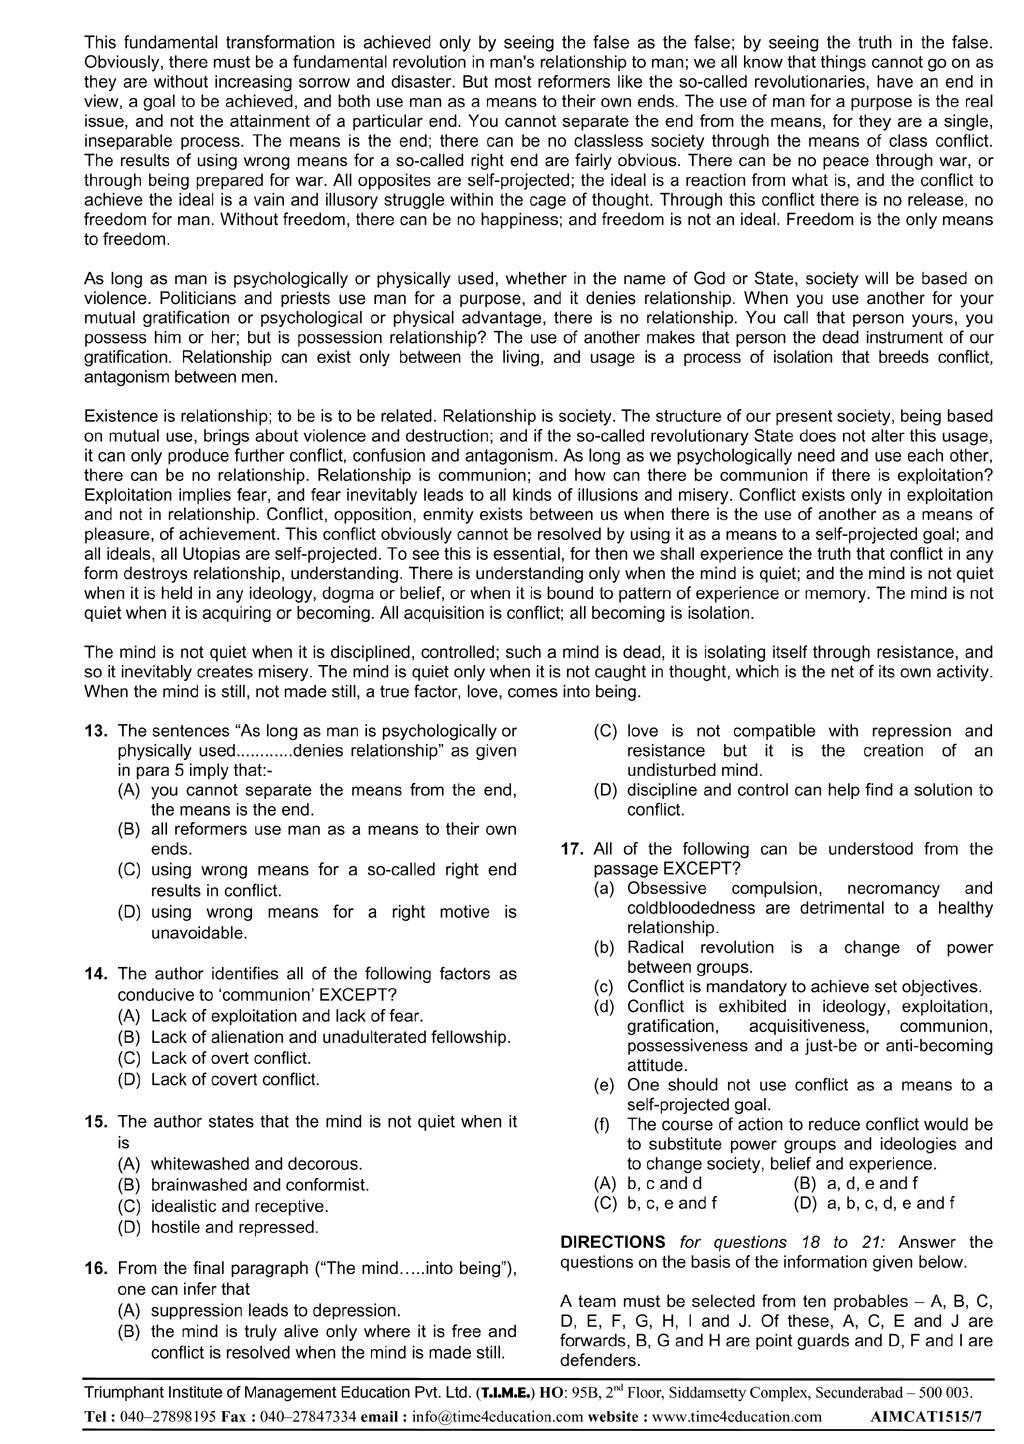 Aimcat1515 Page 7 Jpg